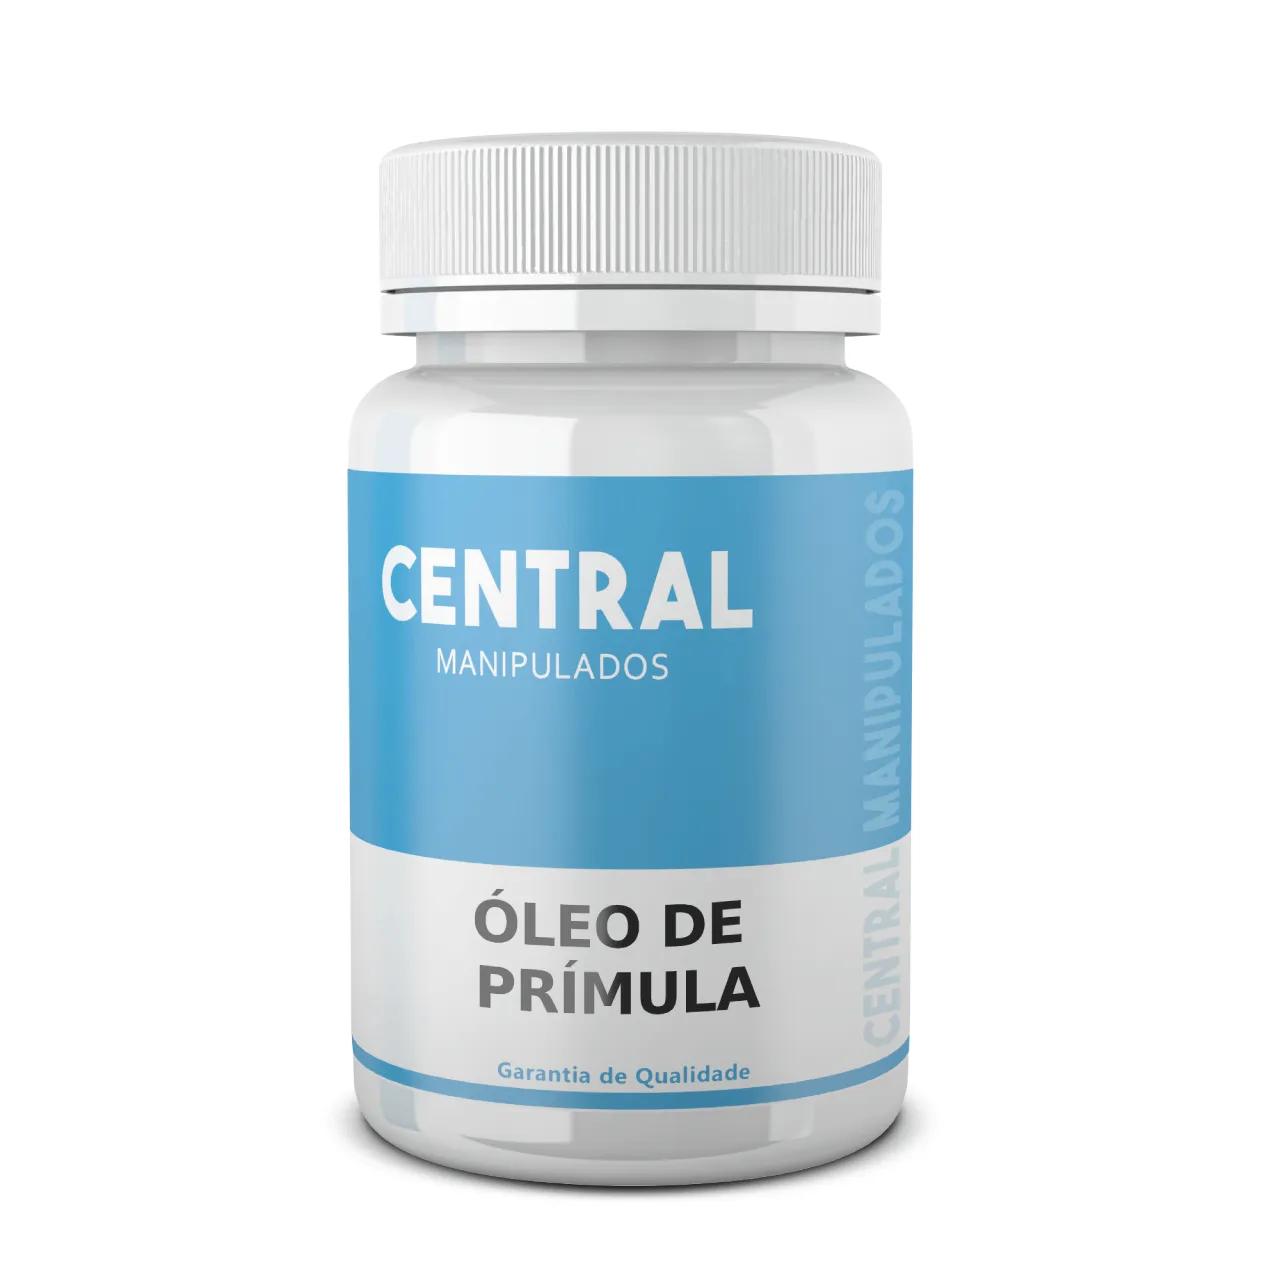 Óleo de Prímula 500mg - 60 cápsulas - Previne Endurecimento das Artérias, Doença Cardiovascular e Pressão Alta, Dimininui Colesterol